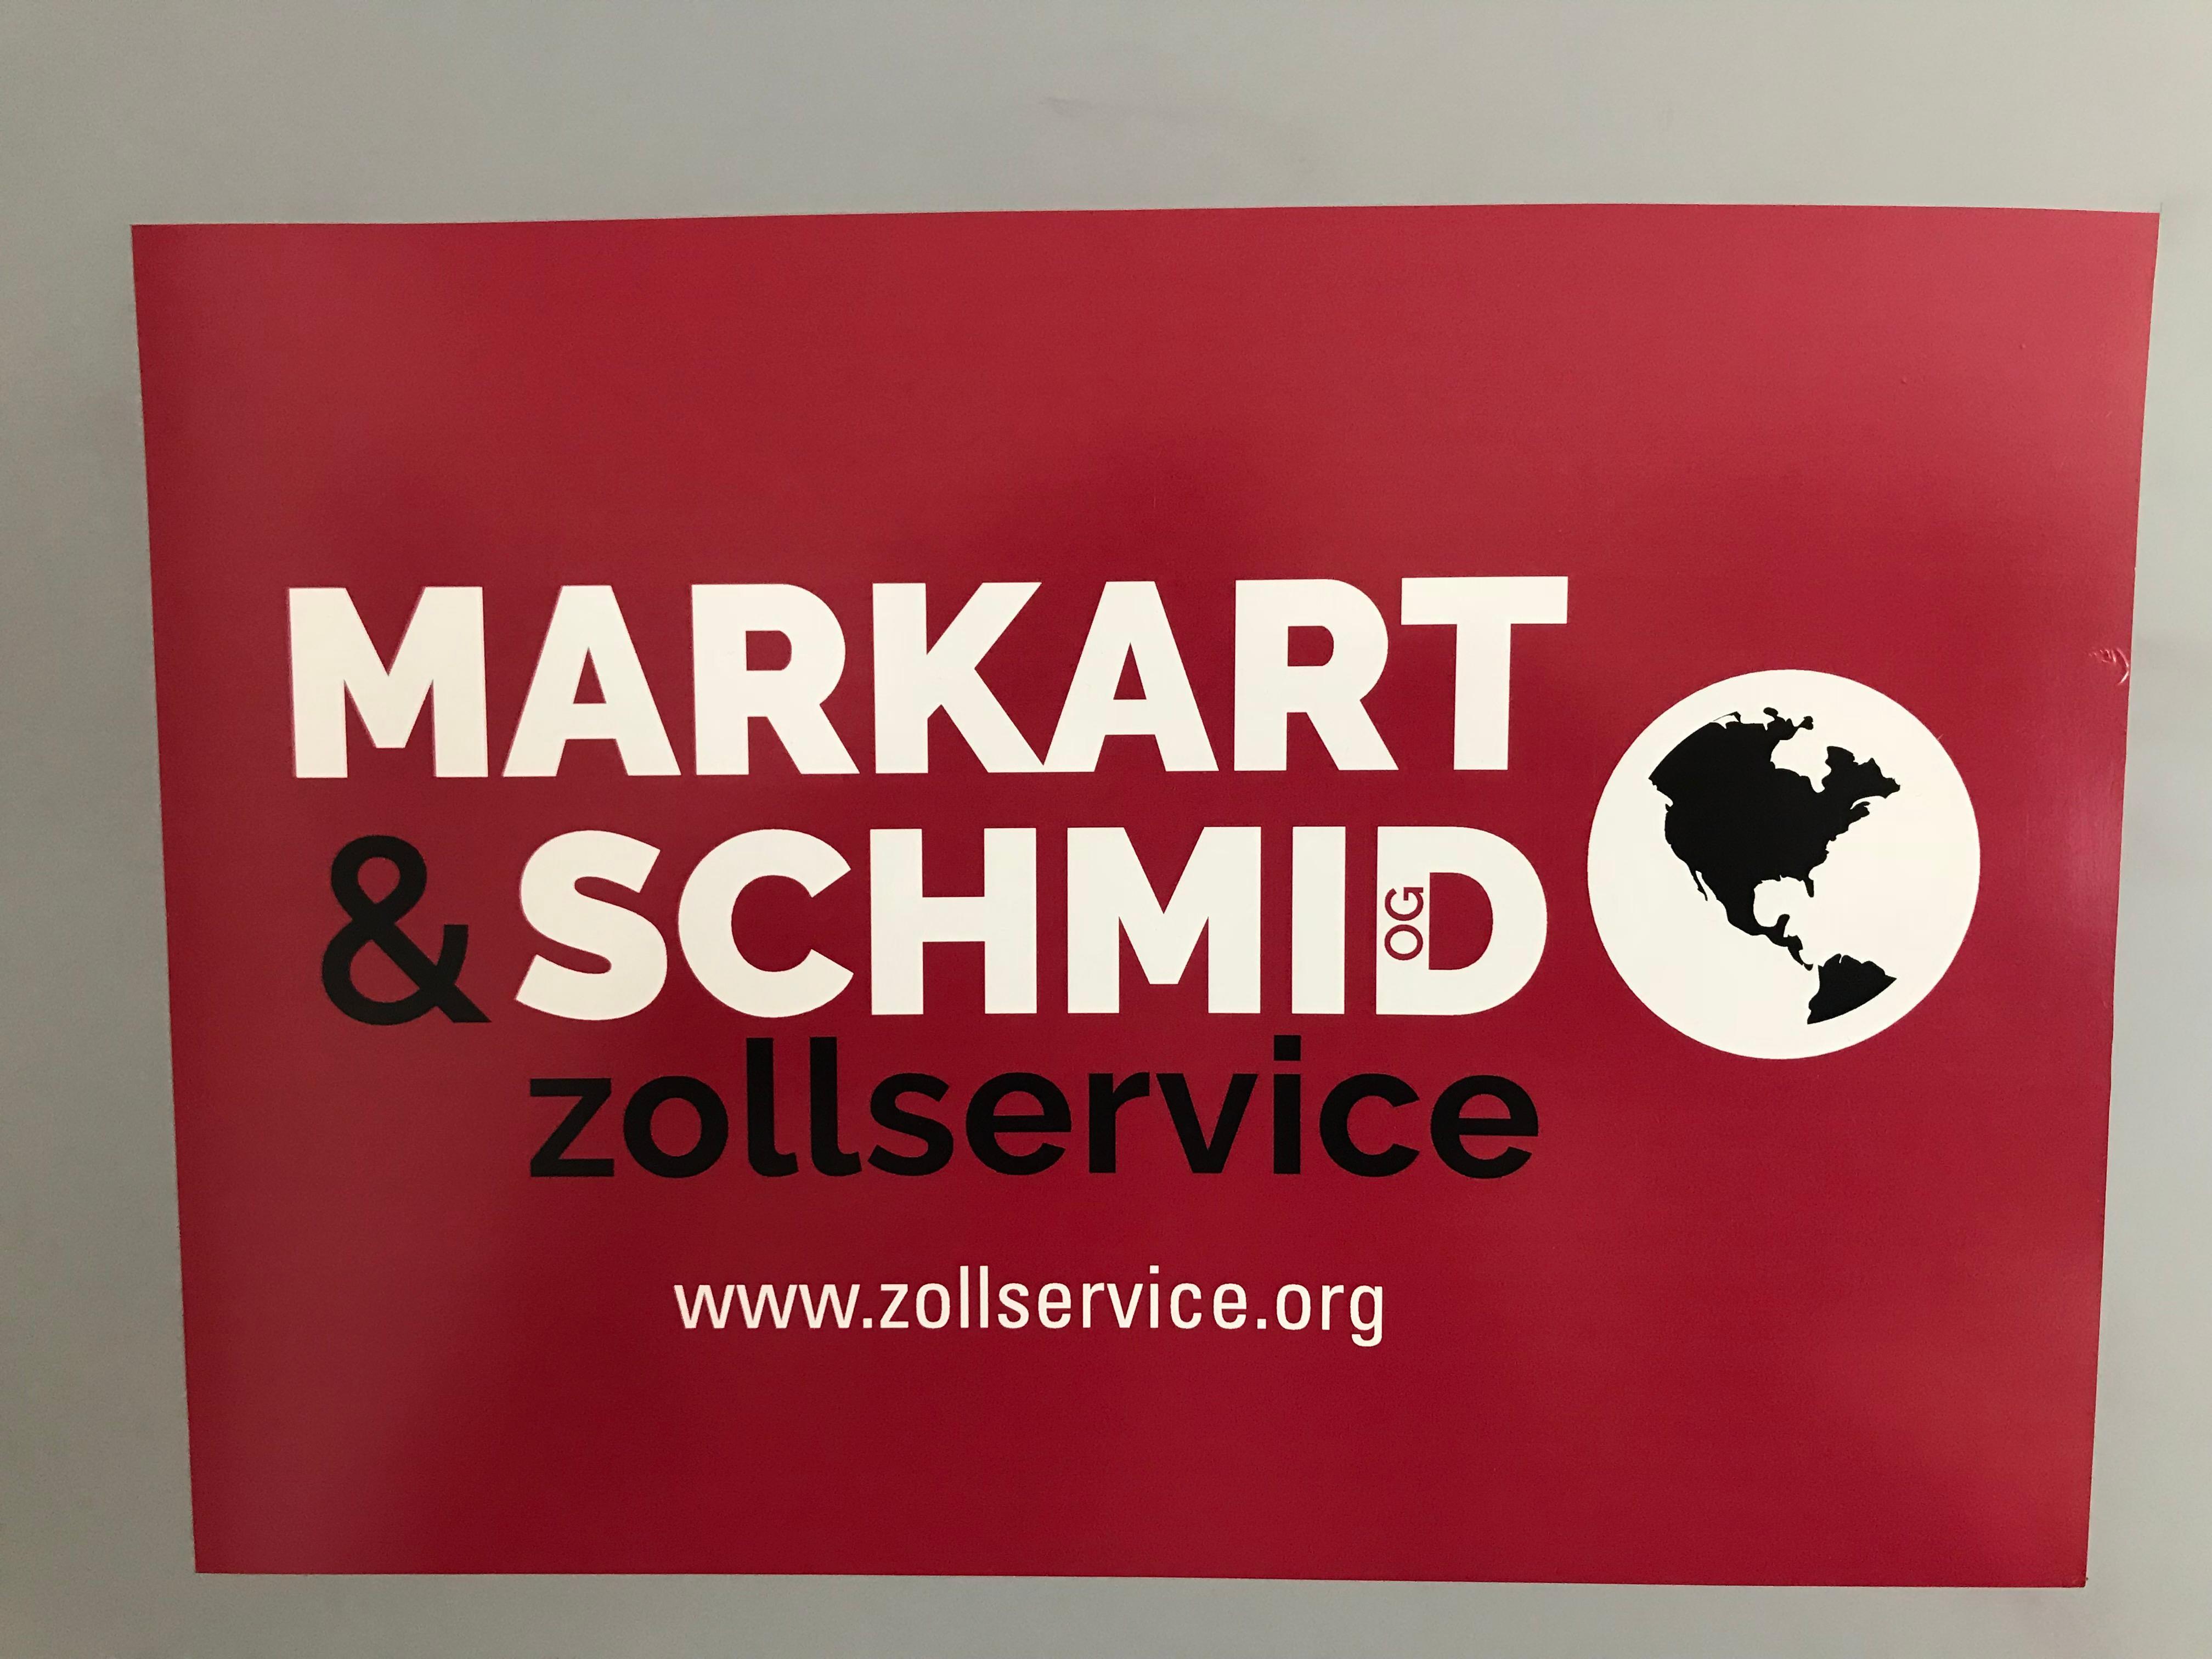 Markart & Schmid Zollservice OG